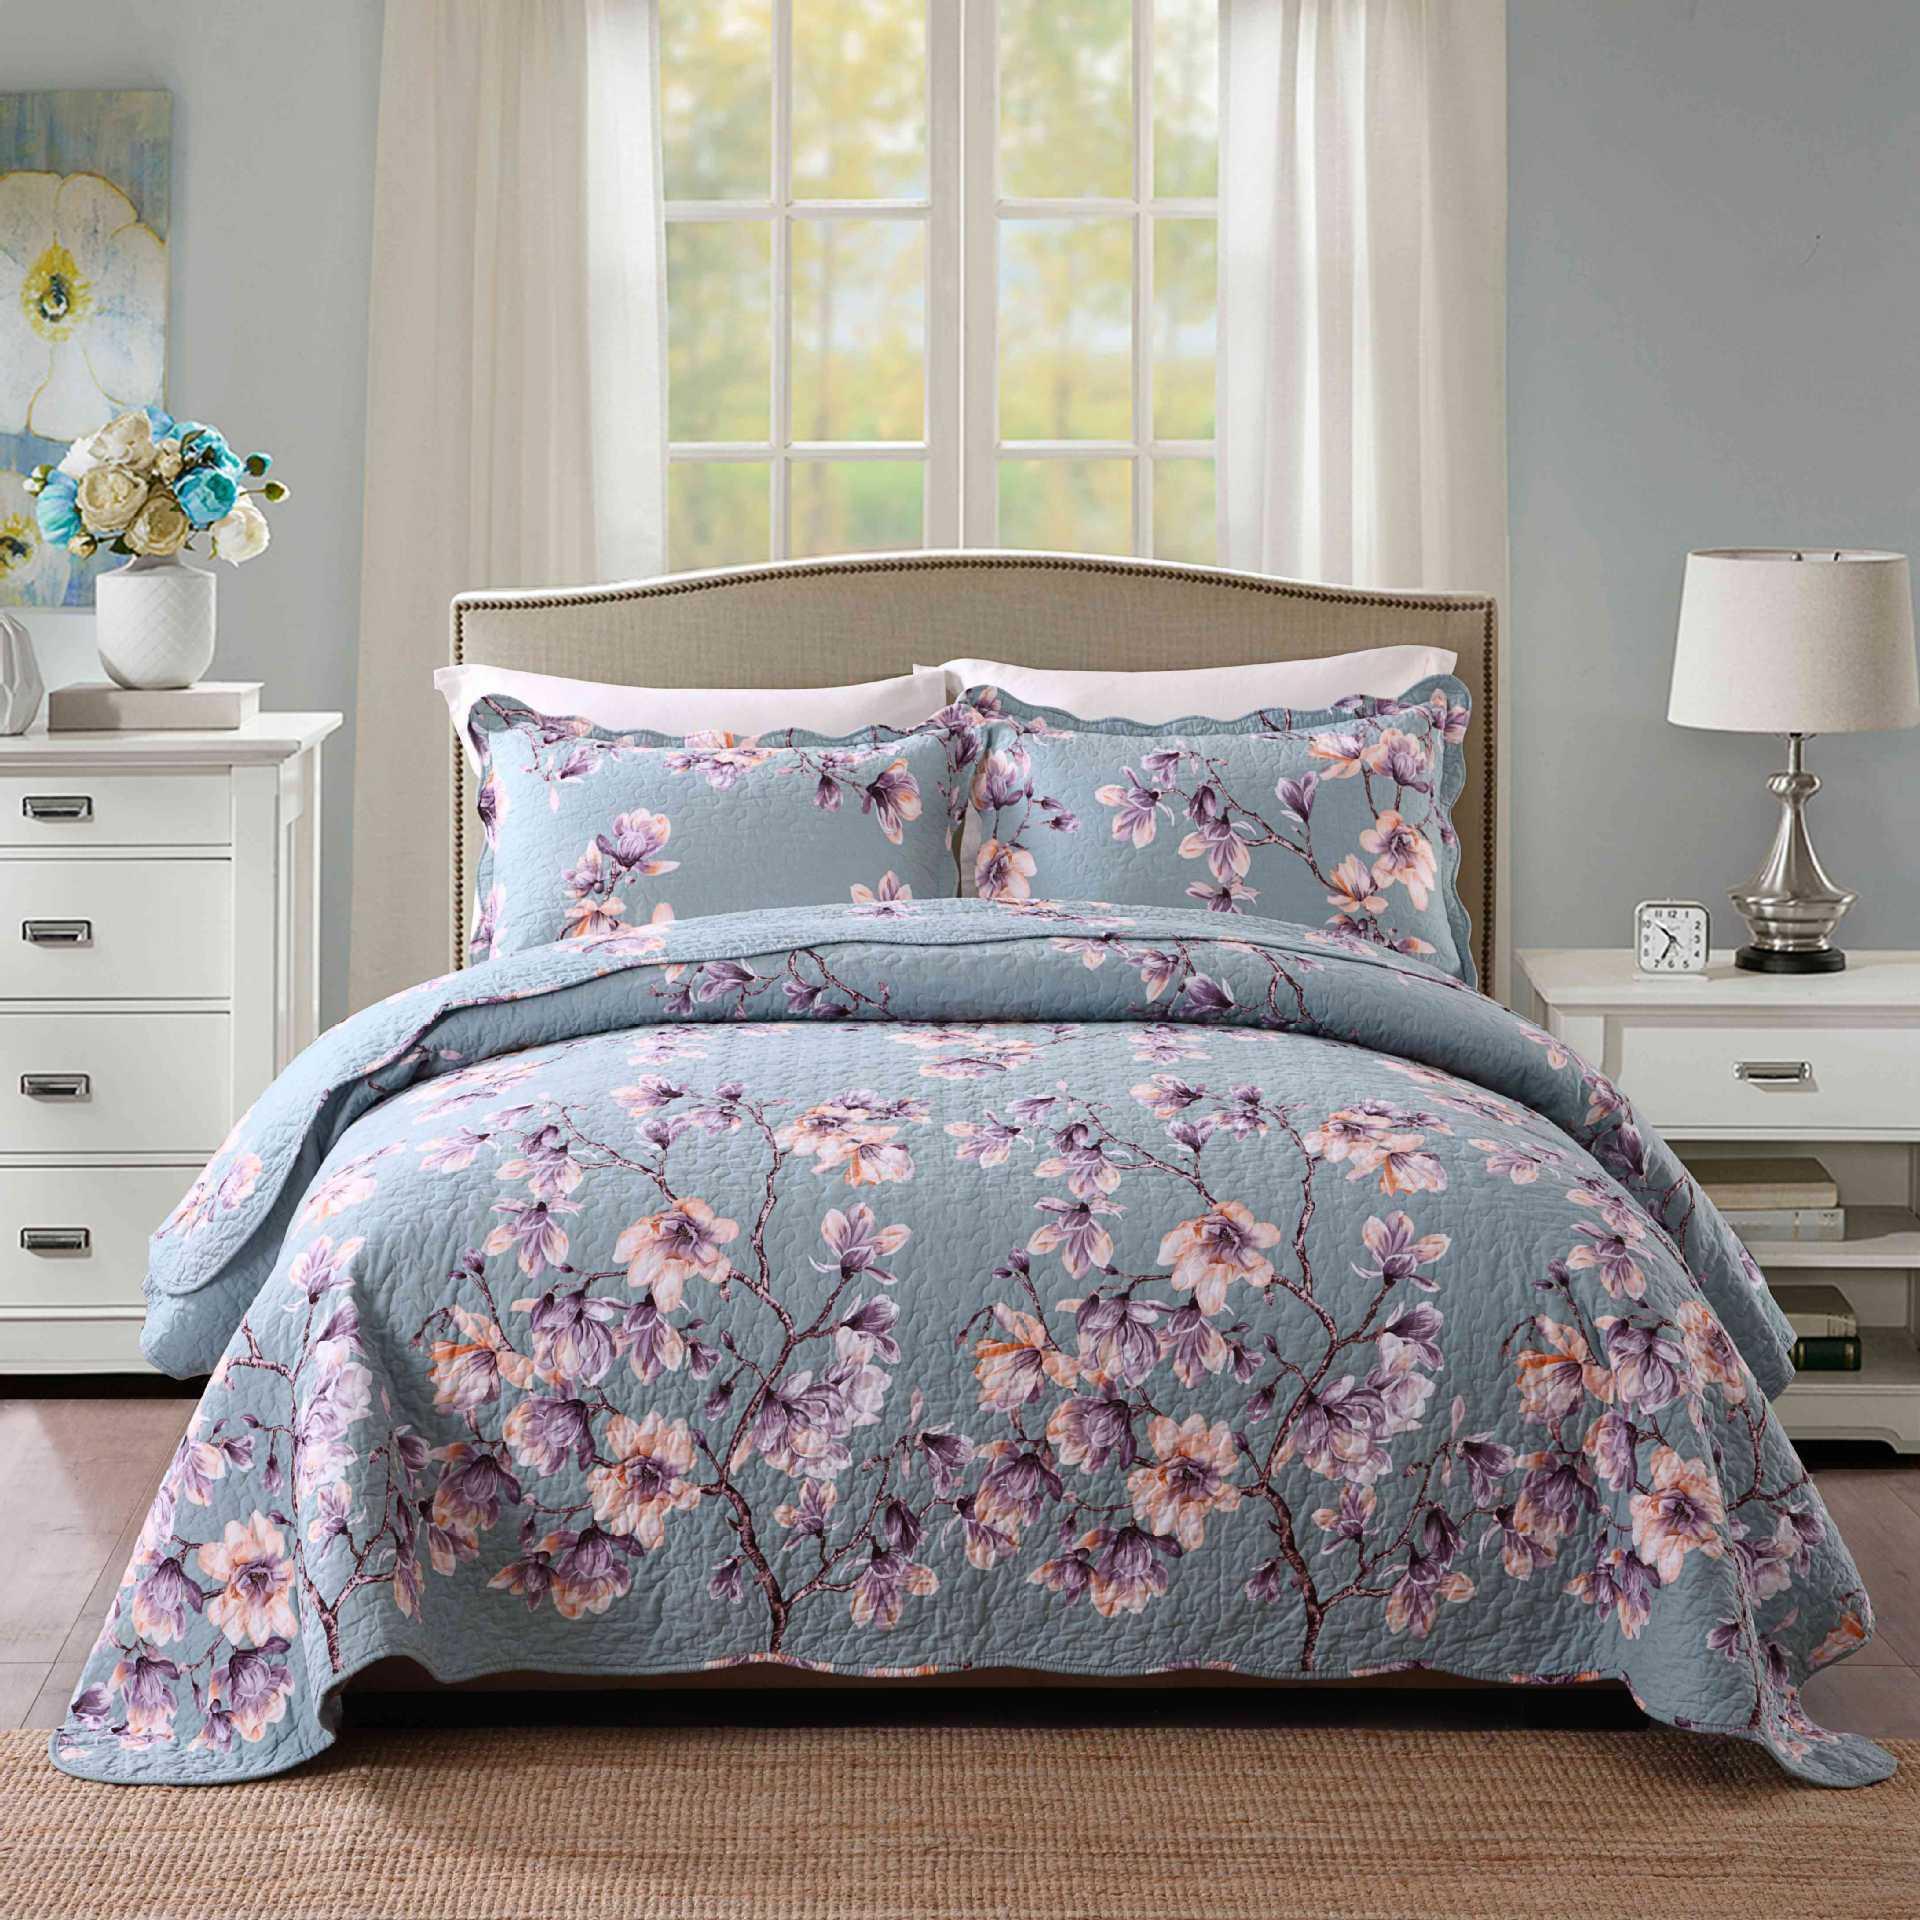 Cotone Copriletto Pillowcover 3pc set KingSize 230x250cm Twill Trapunte Coperte Quilting qualità Blu fiore del ricamo Copriletto